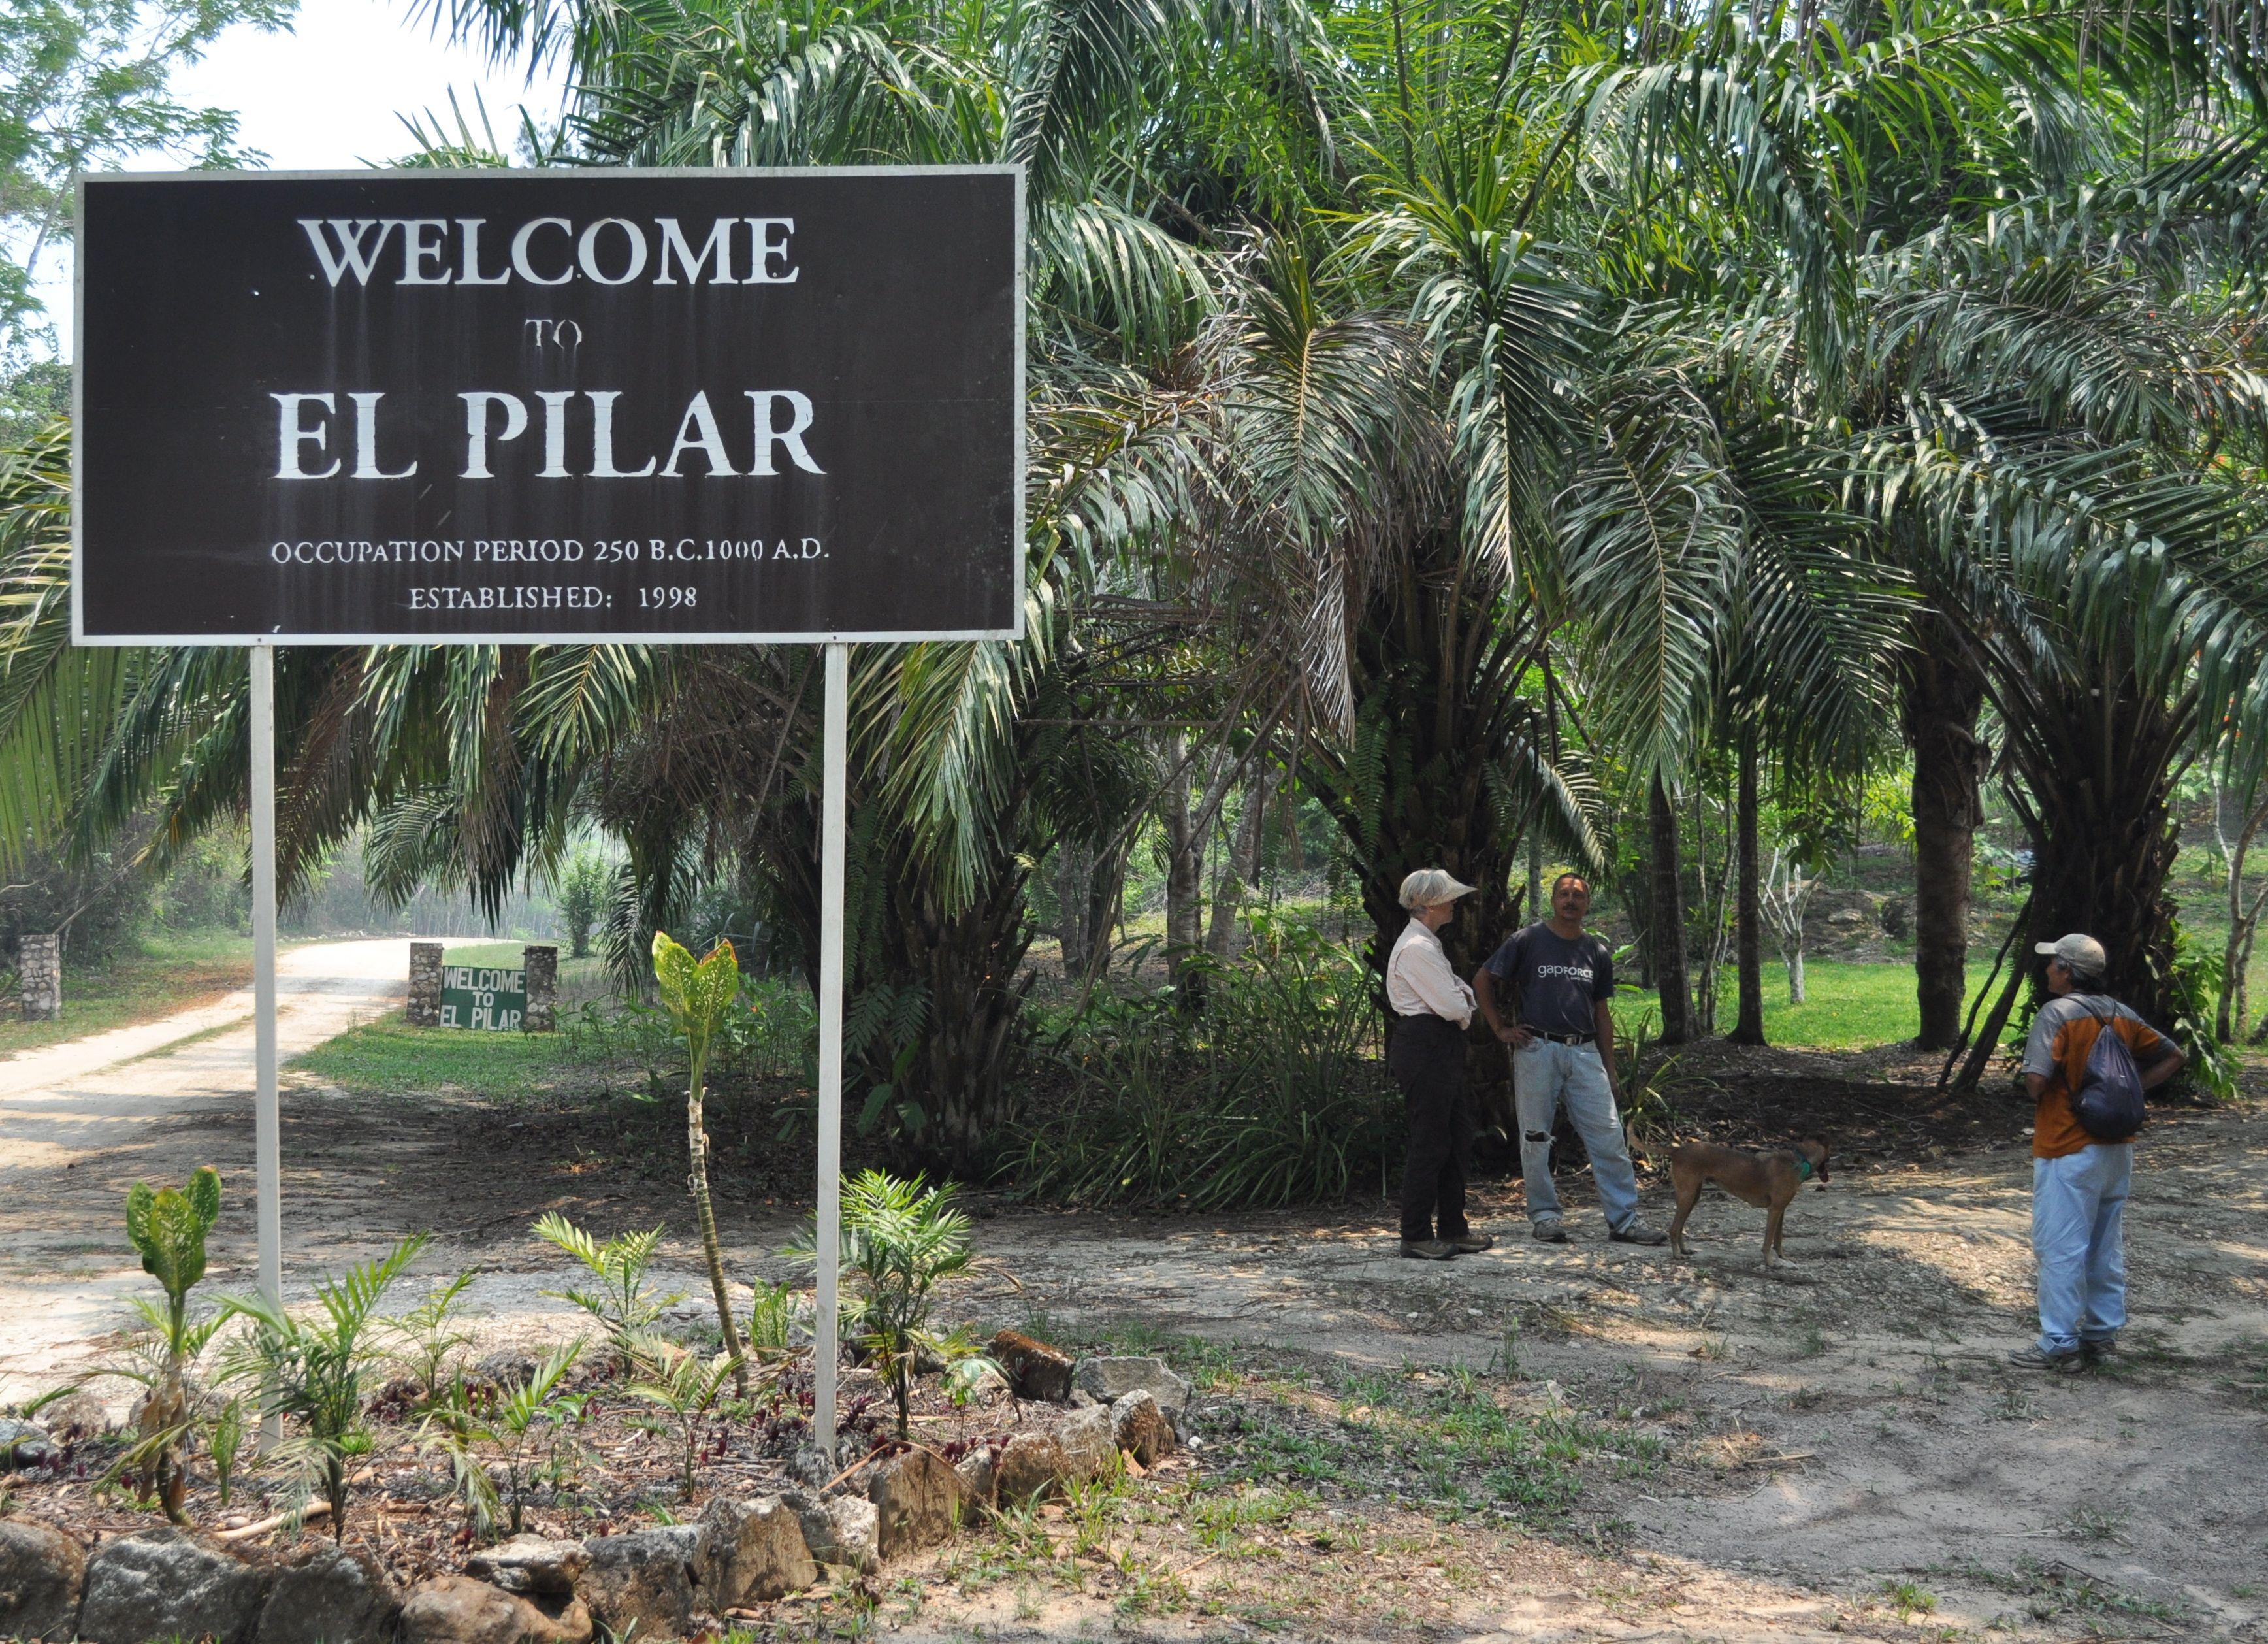 Anabel Ford descubrió el sitio arqueológico El Pilar